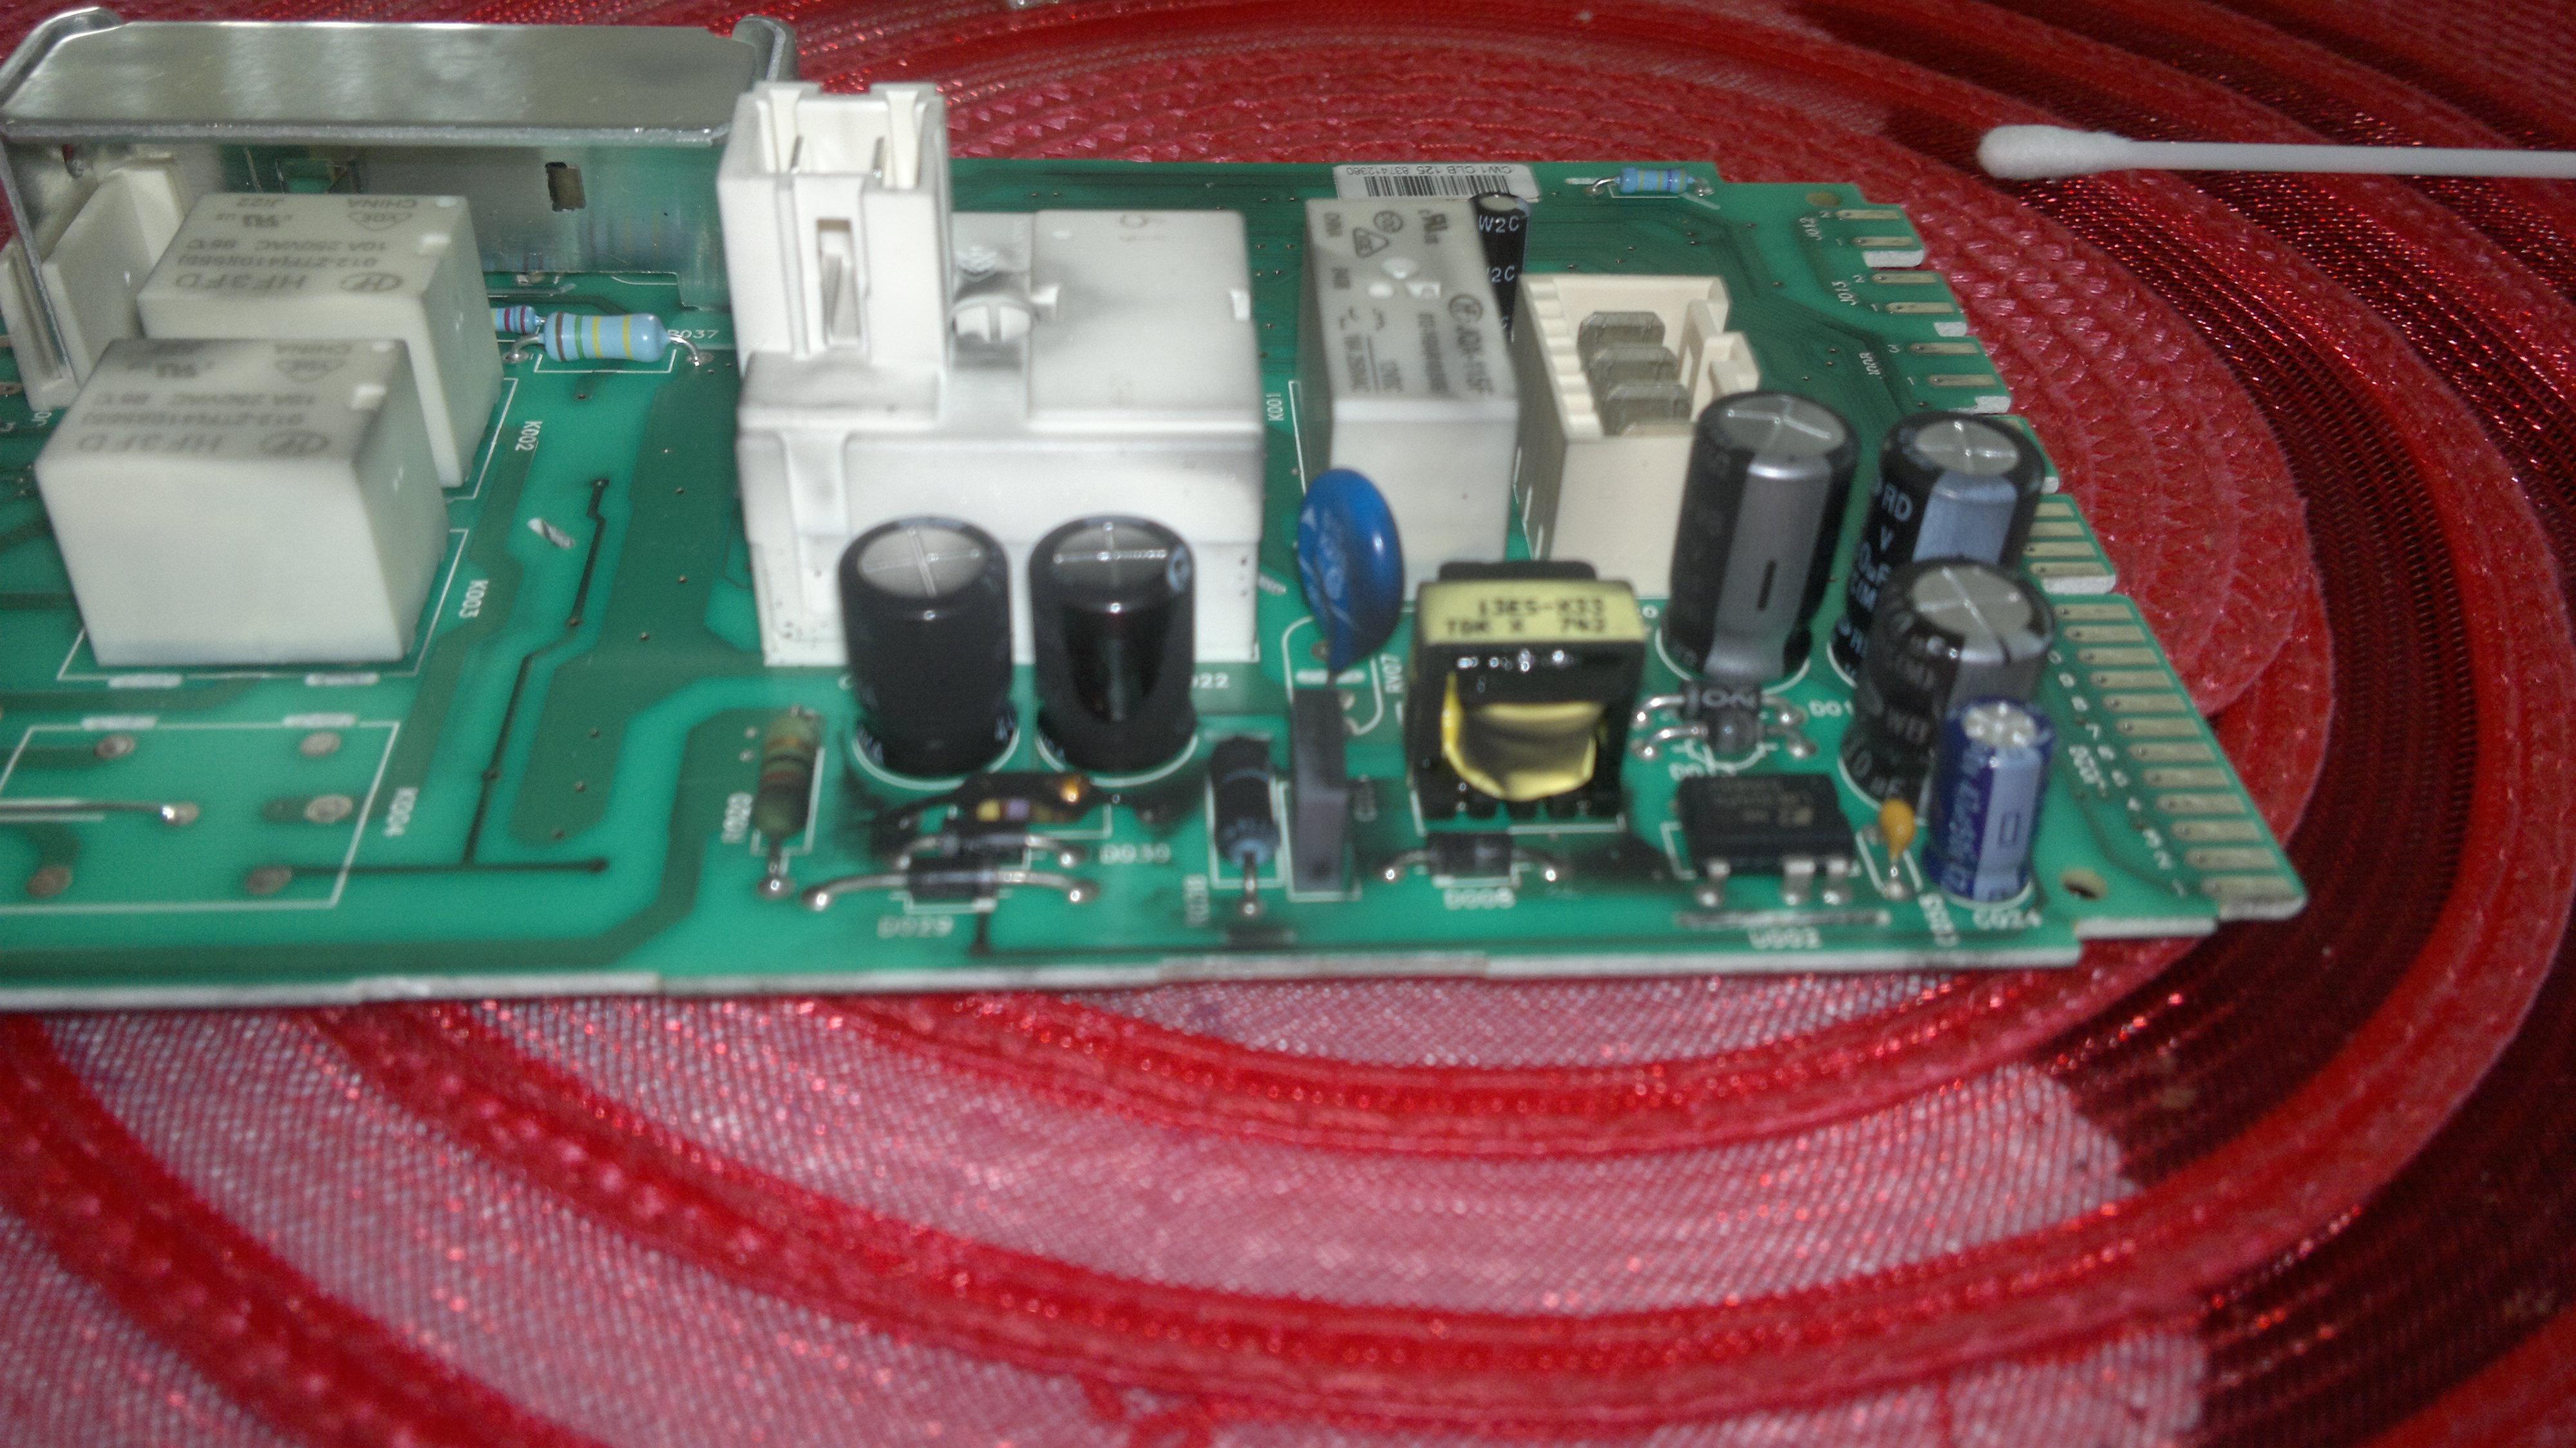 Programator pralki Polar PFL 1019 - uszkodzony d�awik